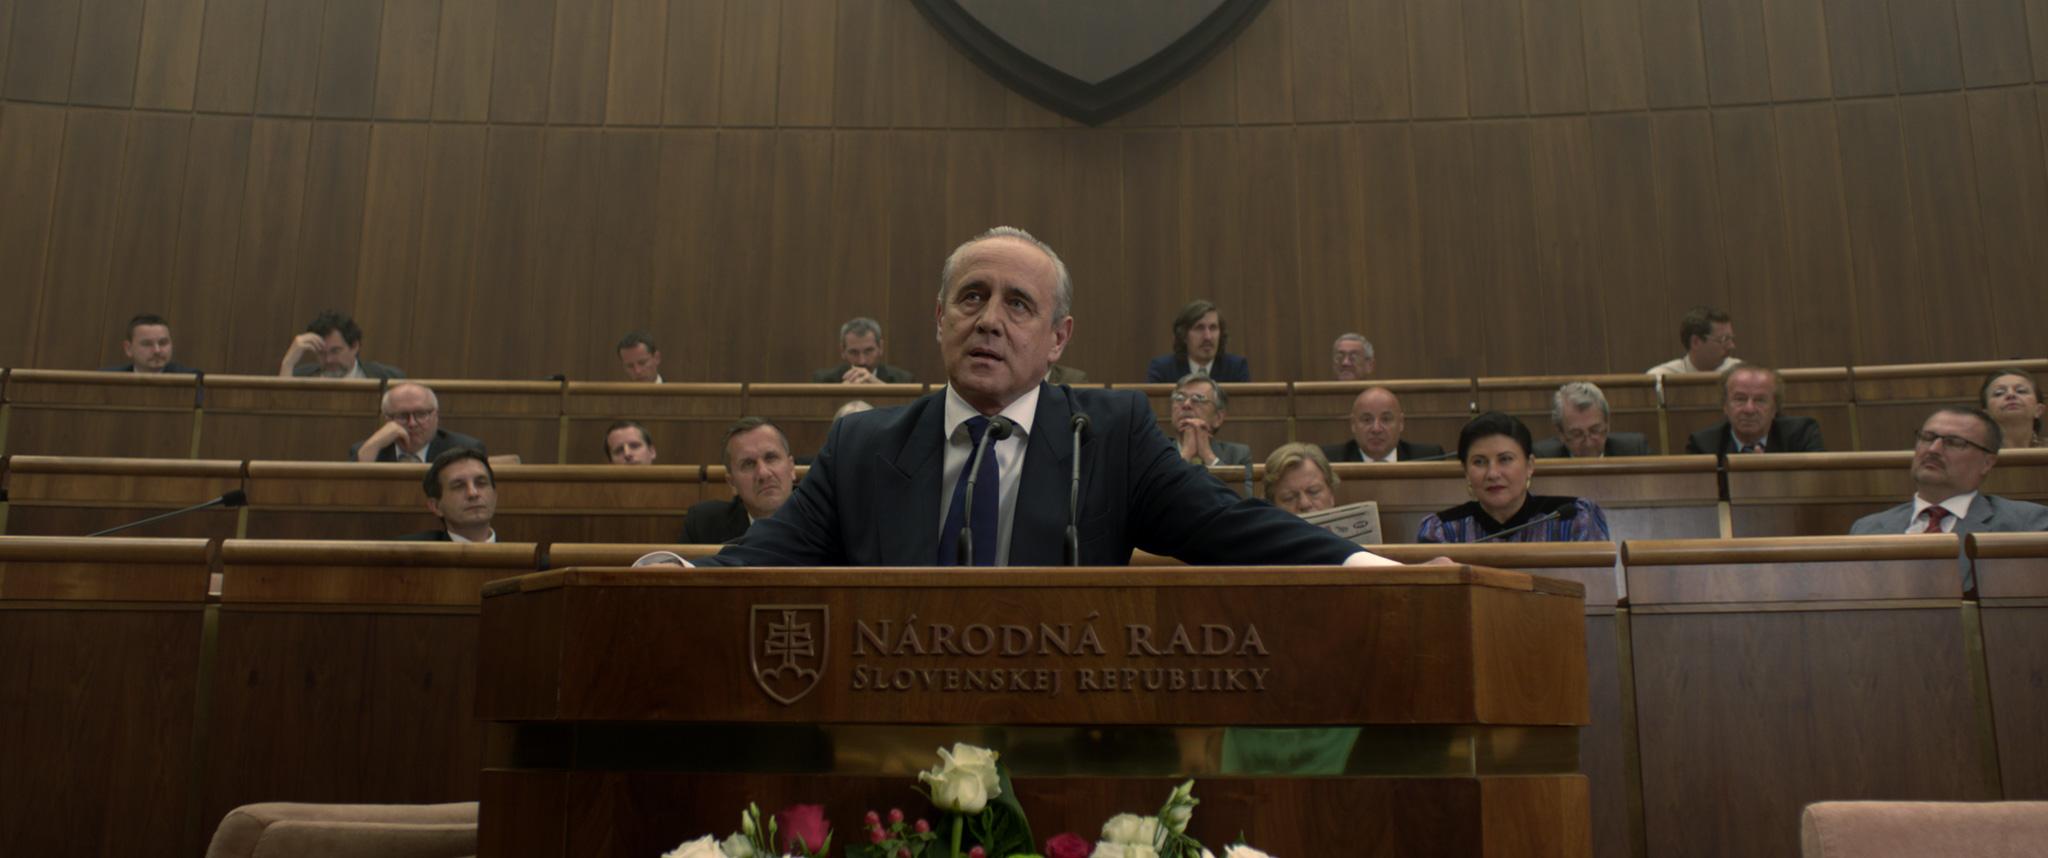 Prezident vystupuje v parlamente. Foto – film Únos